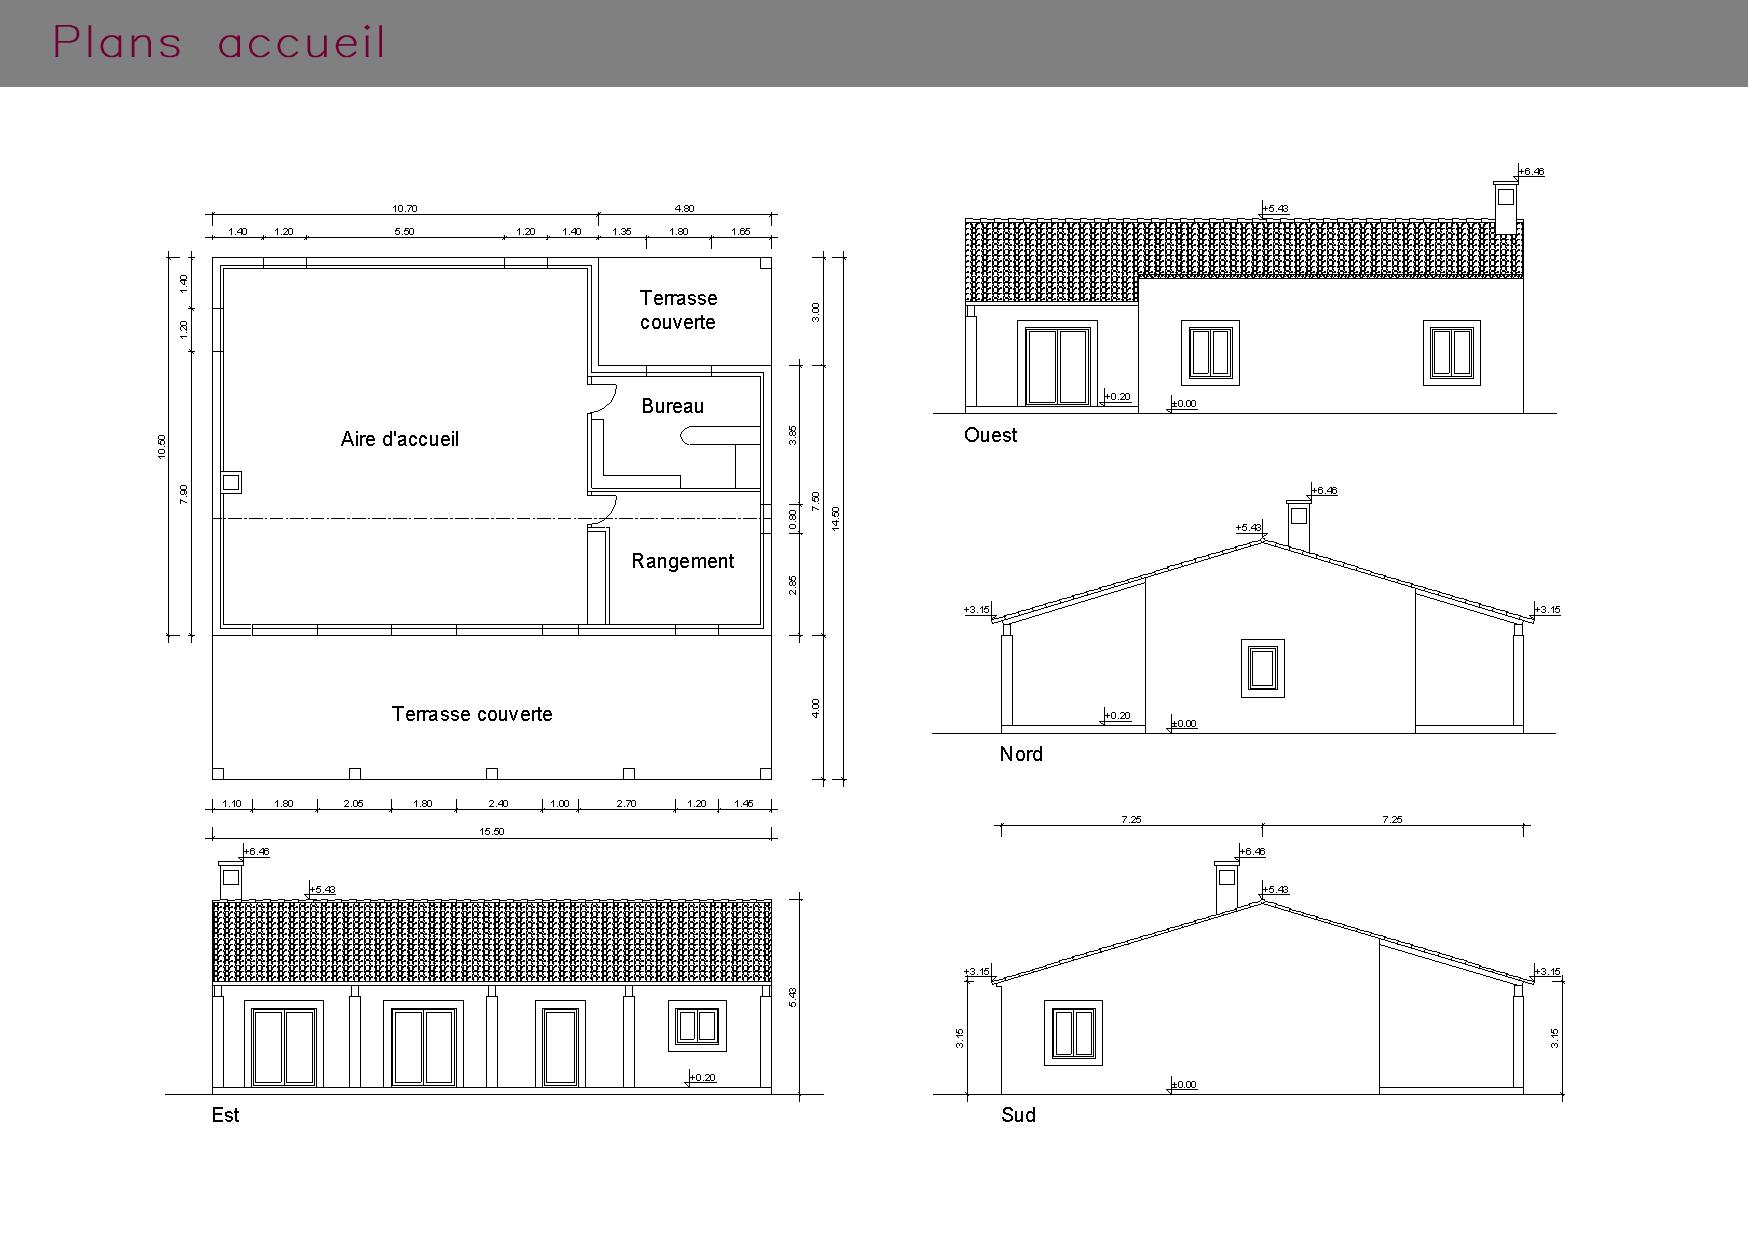 Plans d'un espace d'accueil et ses façades